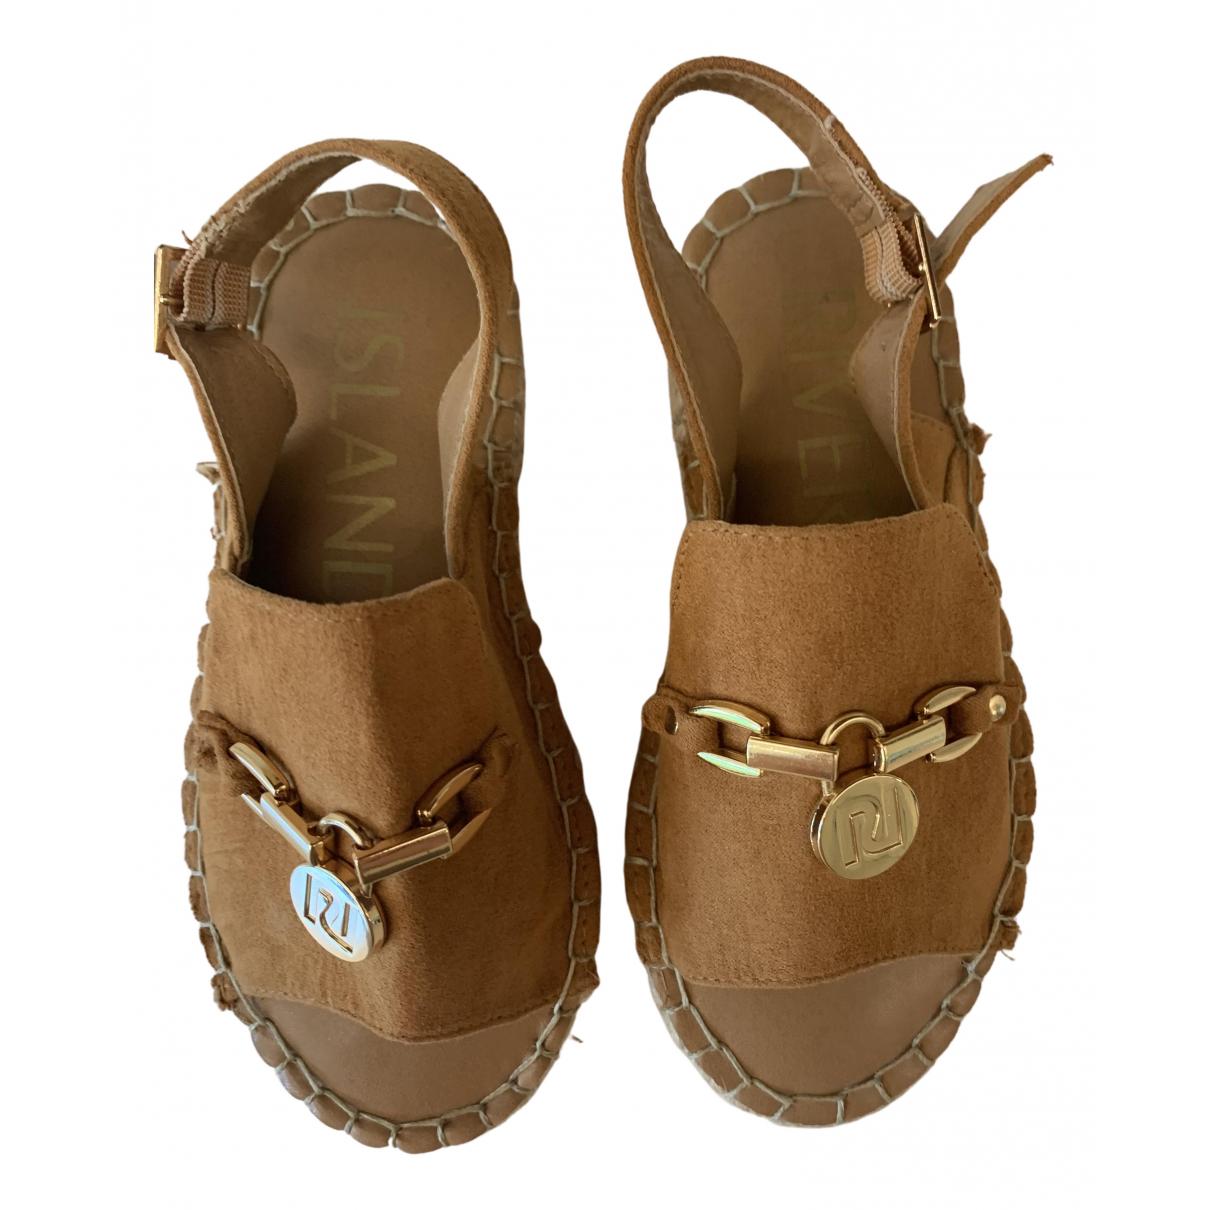 River Island - Sandales   pour enfant en cuir verni - camel